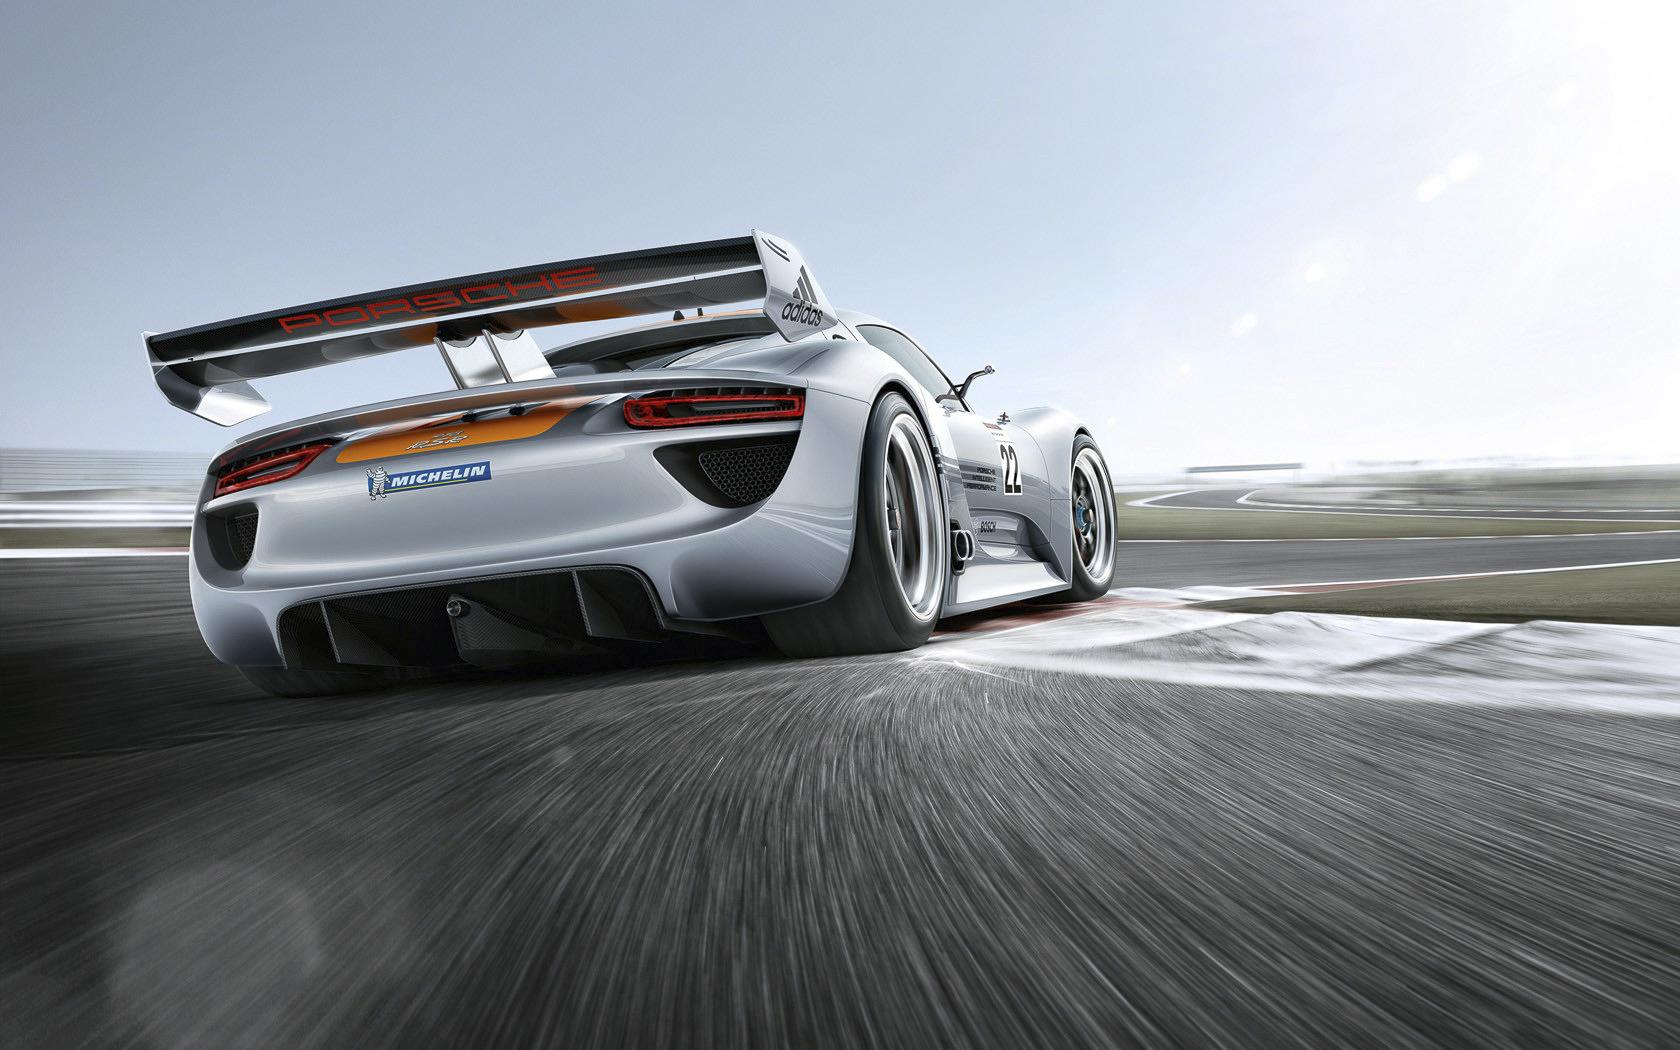 39359 скачать обои Транспорт, Машины, Порш (Porsche) - заставки и картинки бесплатно